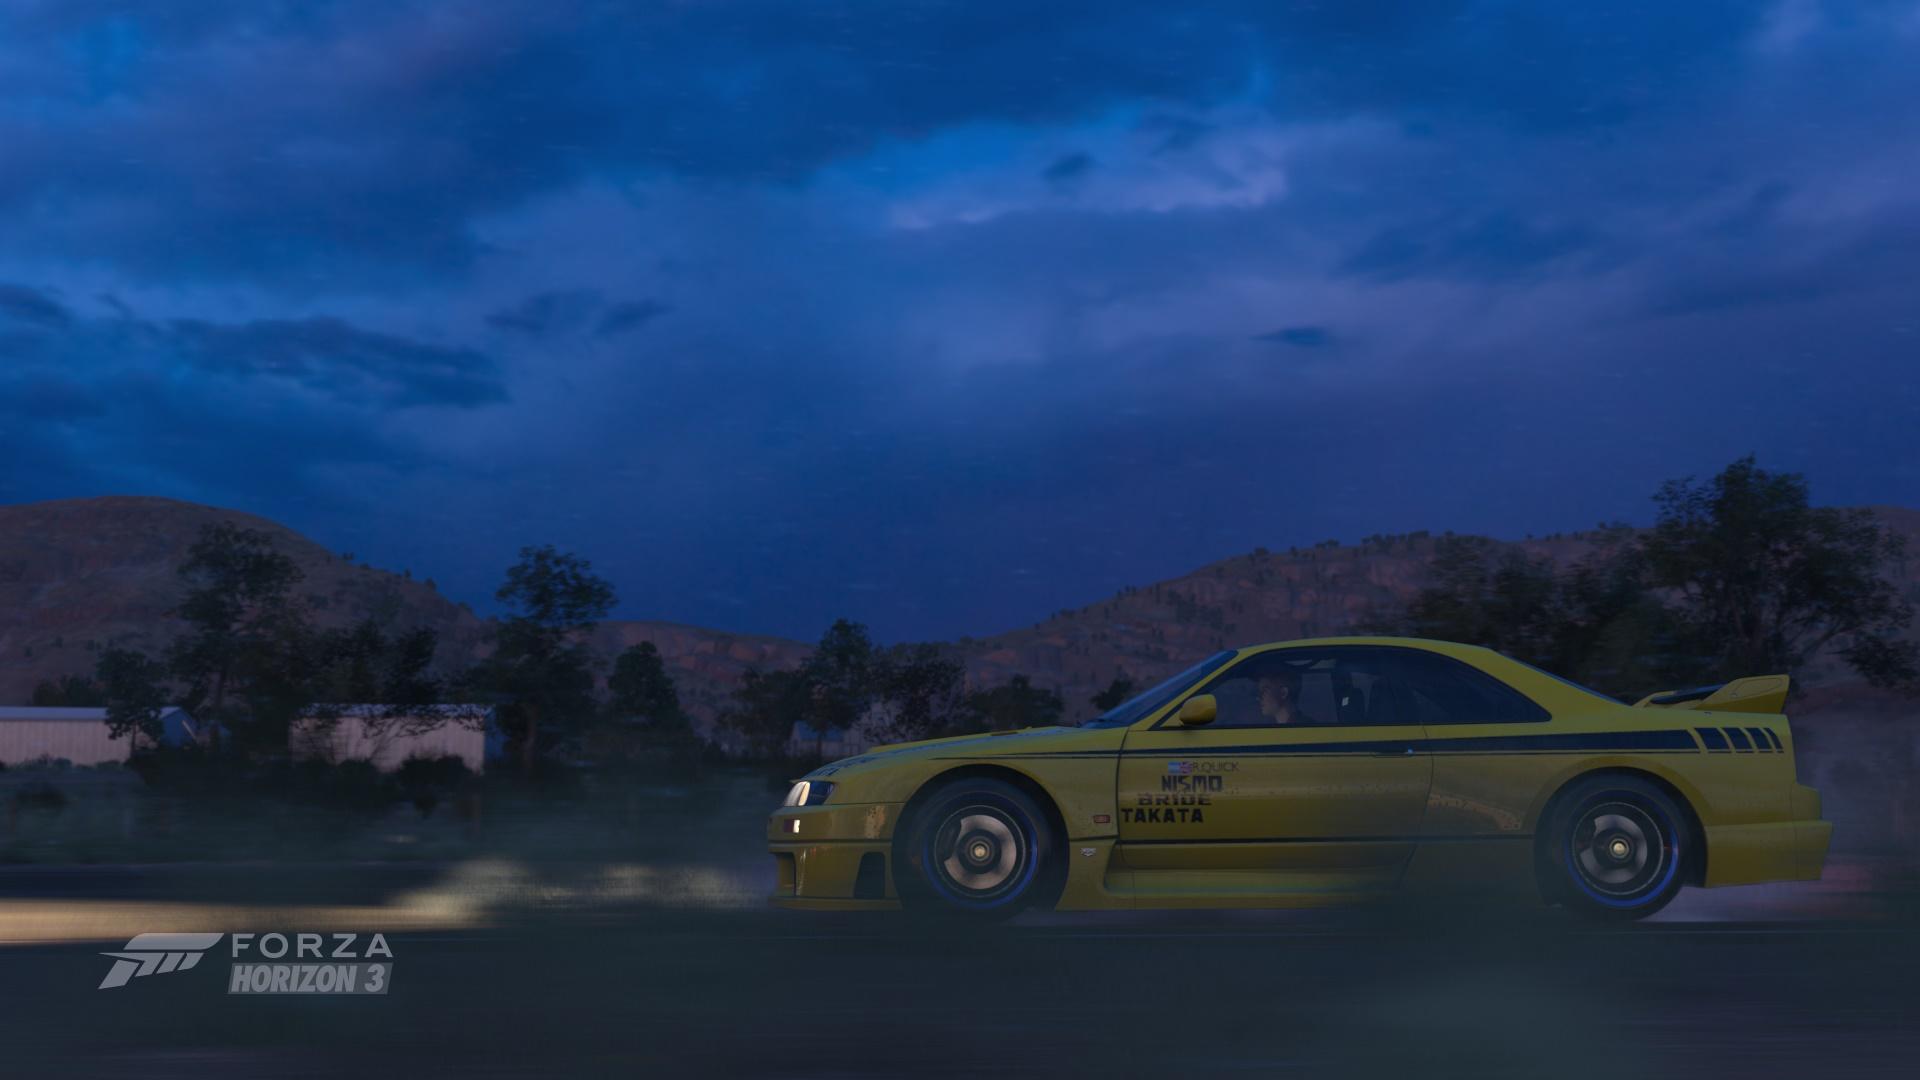 Entry 3 - GTR LM